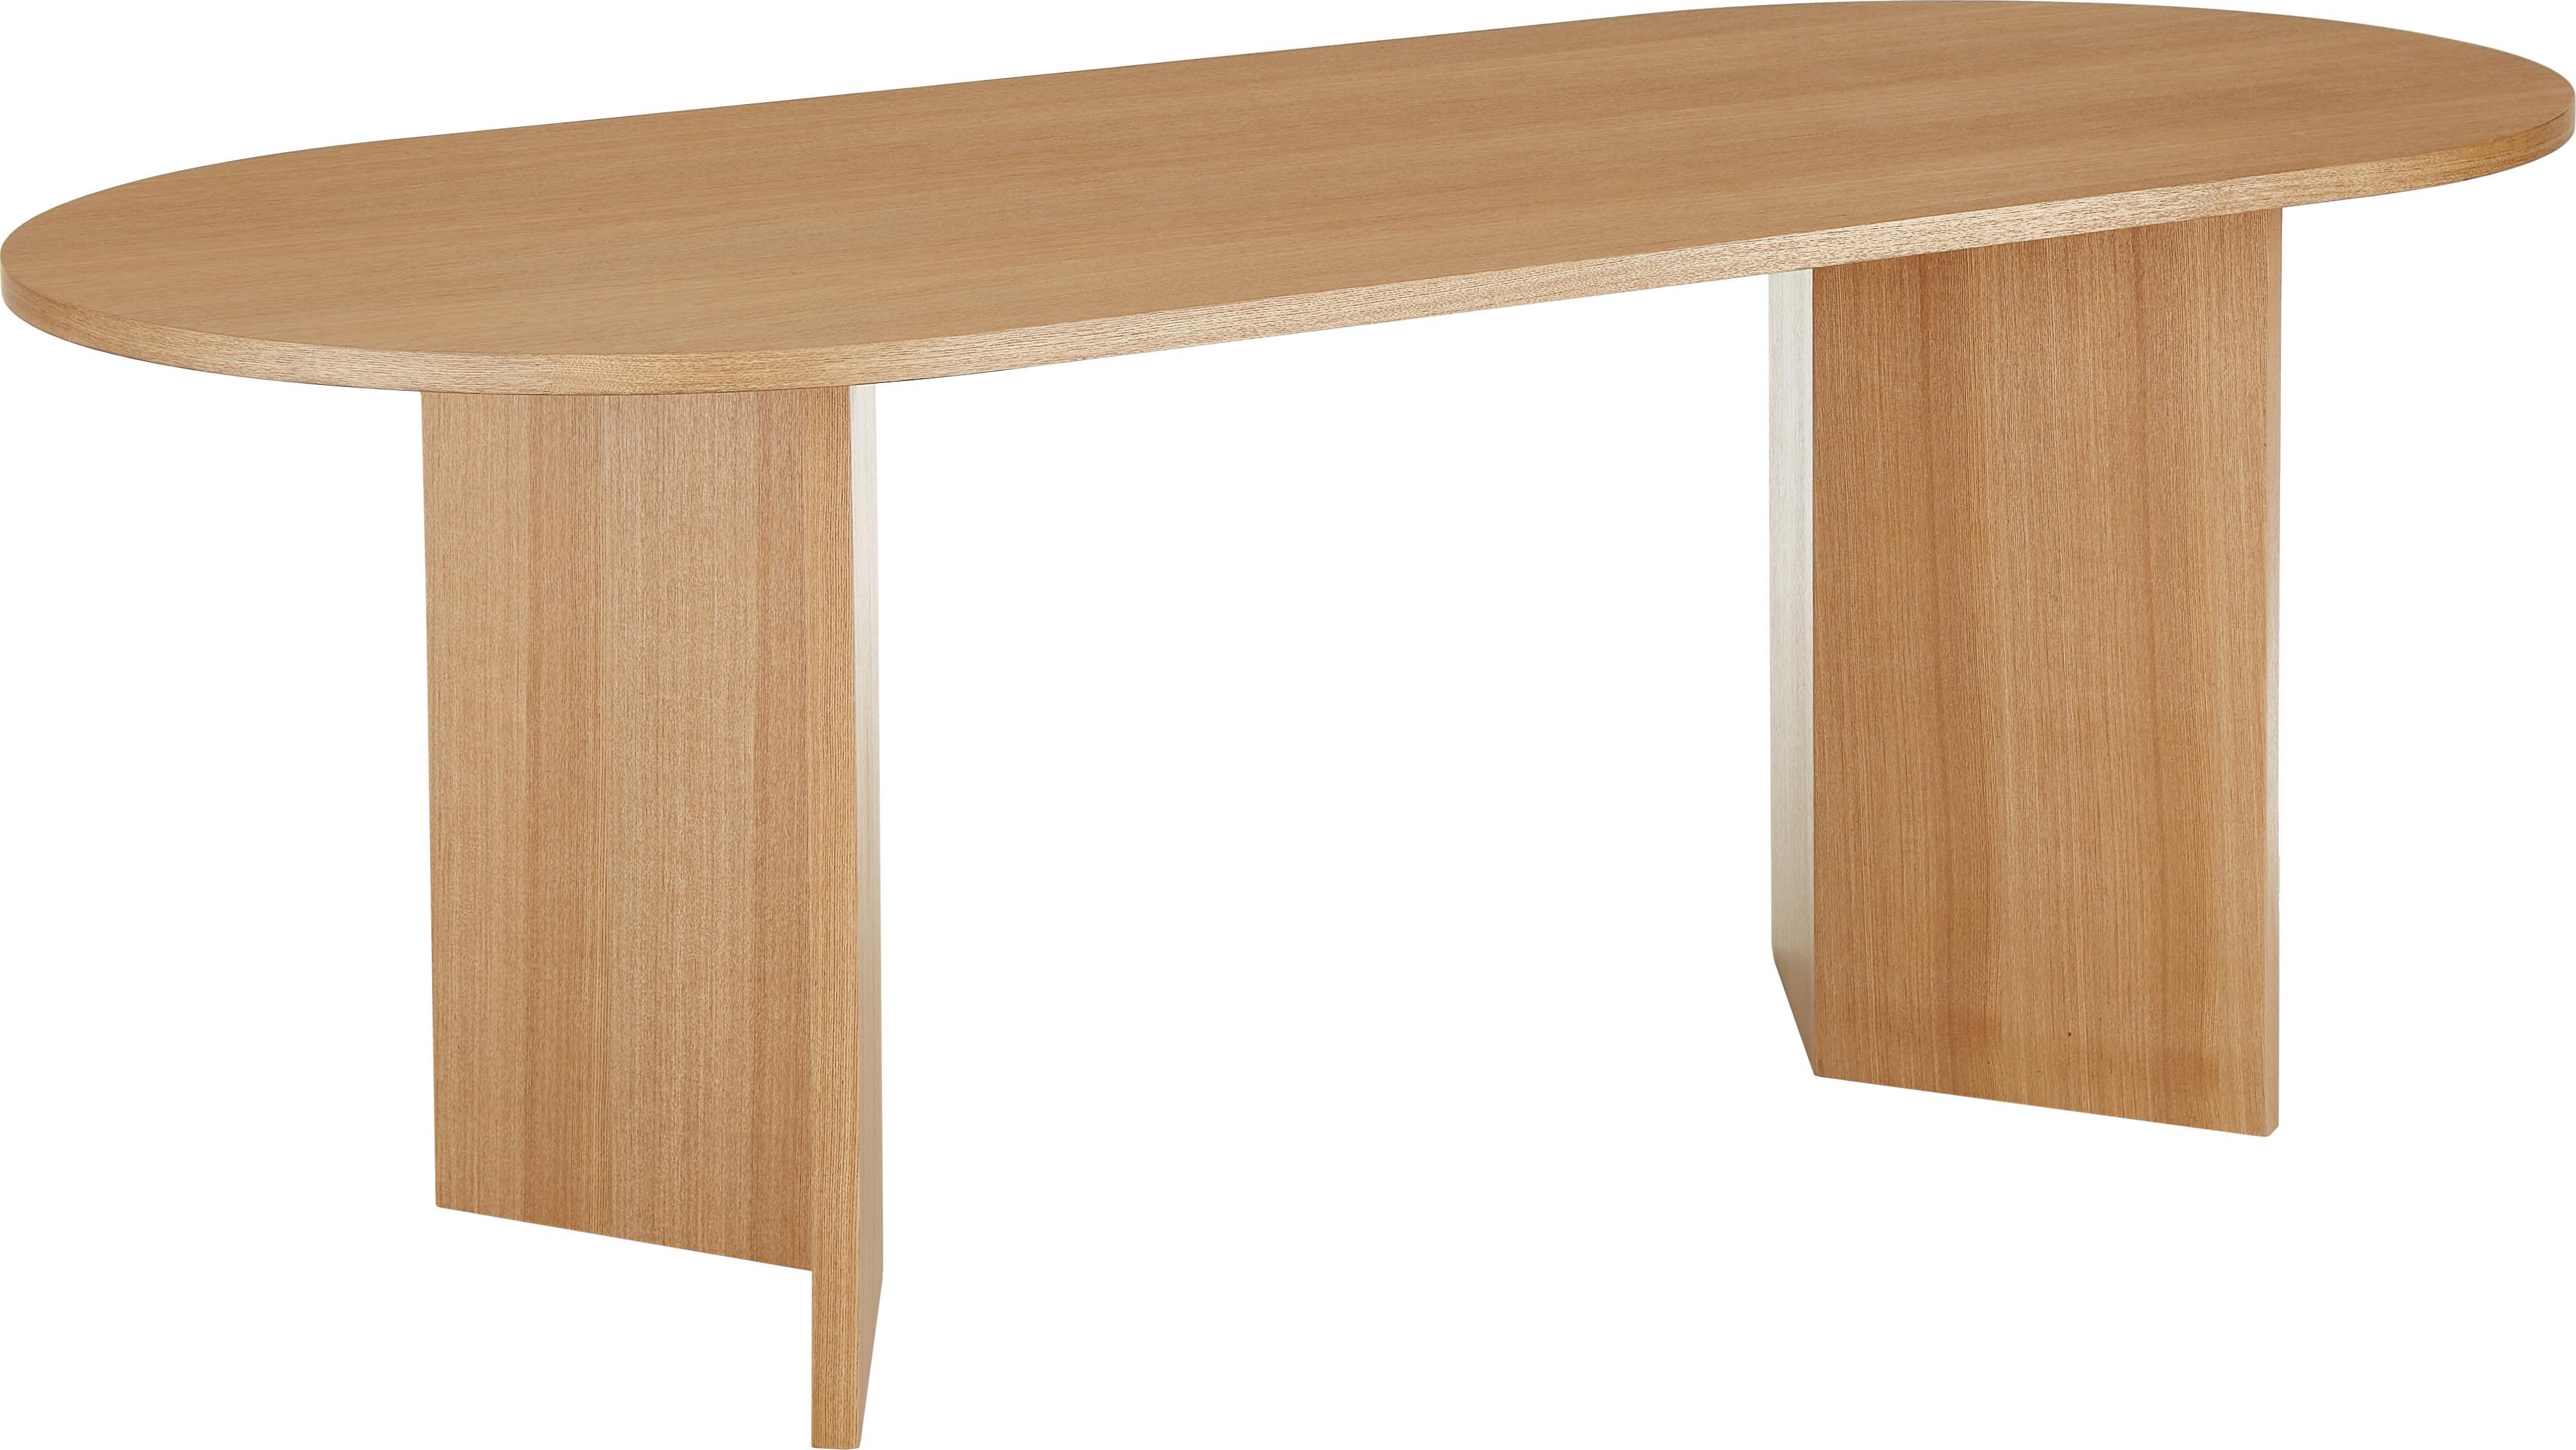 Ovaler Esstisch Toni aus Holz, Mitteldichte Holzfaserplatte (MDF) mit Eschenholzfurnier, lackiert, Eschenholzfurnier, B 200 x T 90 cm